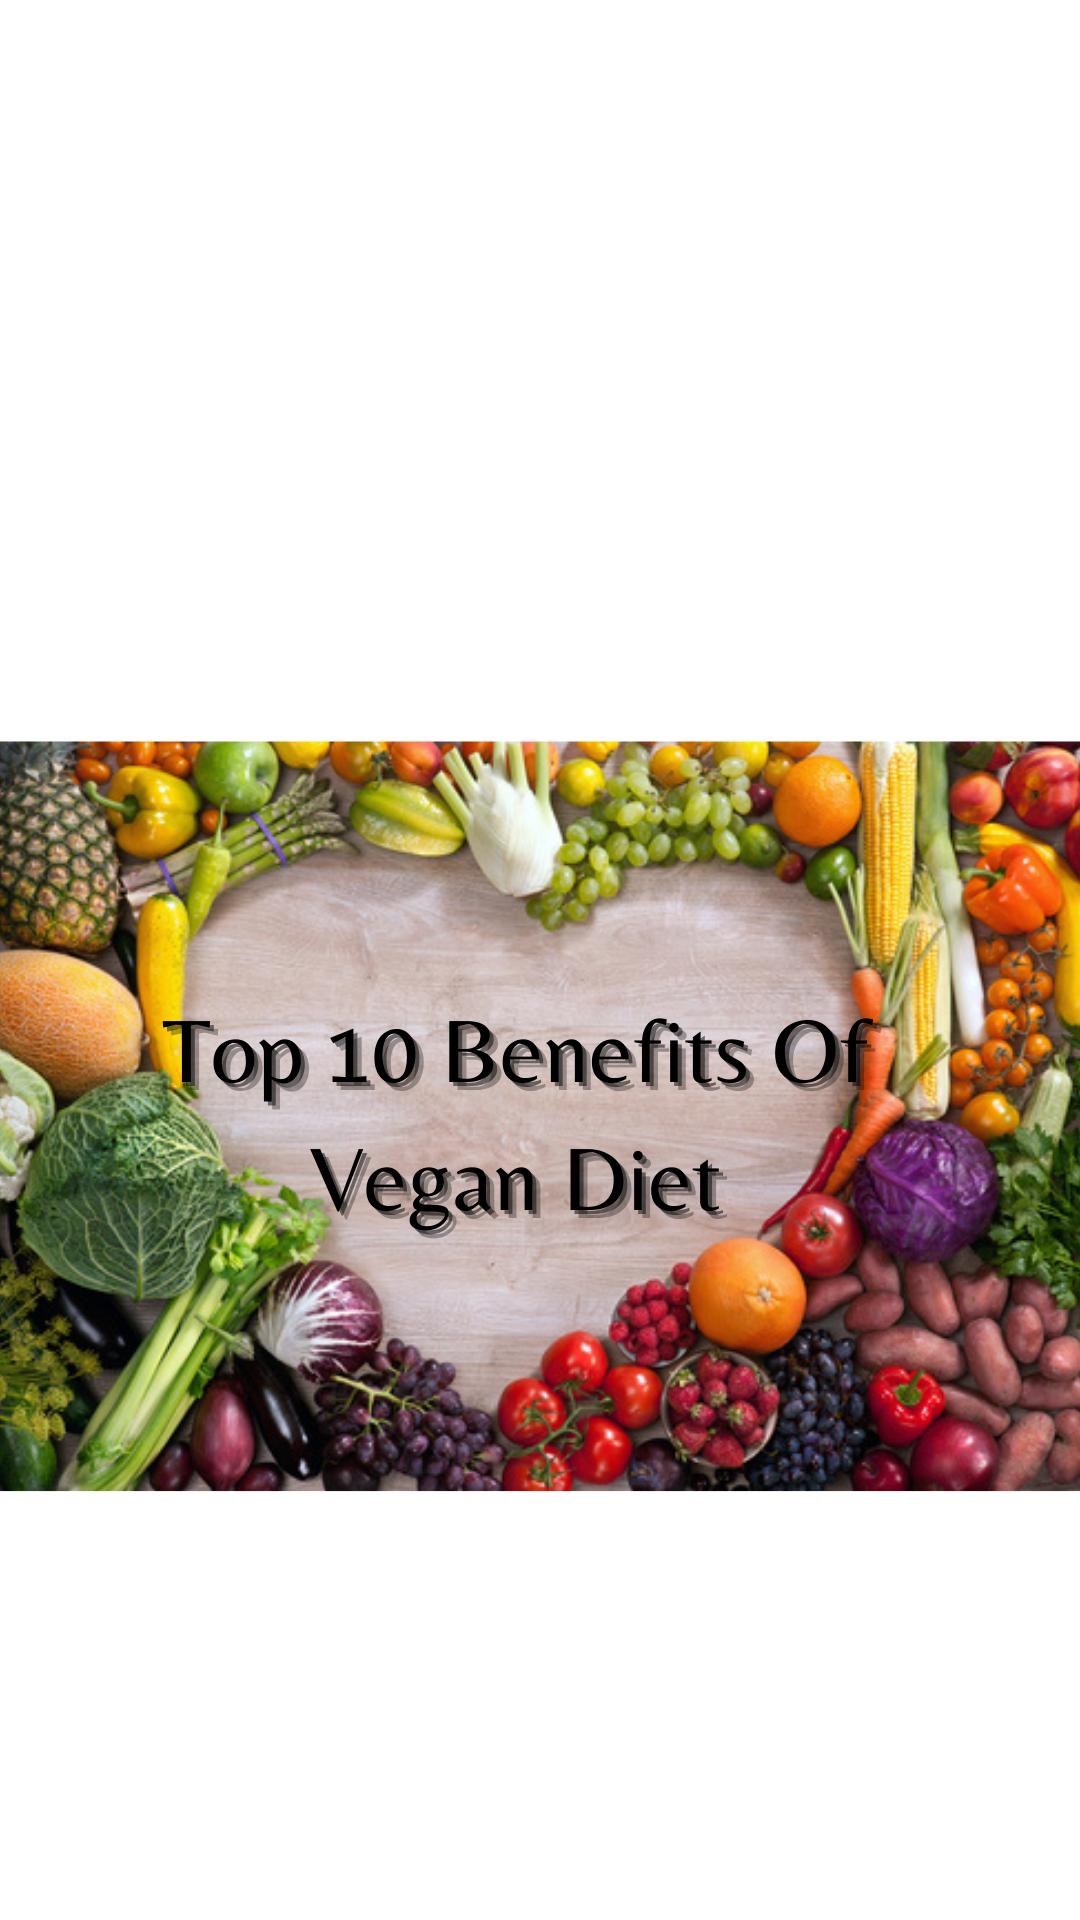 Top 10 benefits of vegan diet